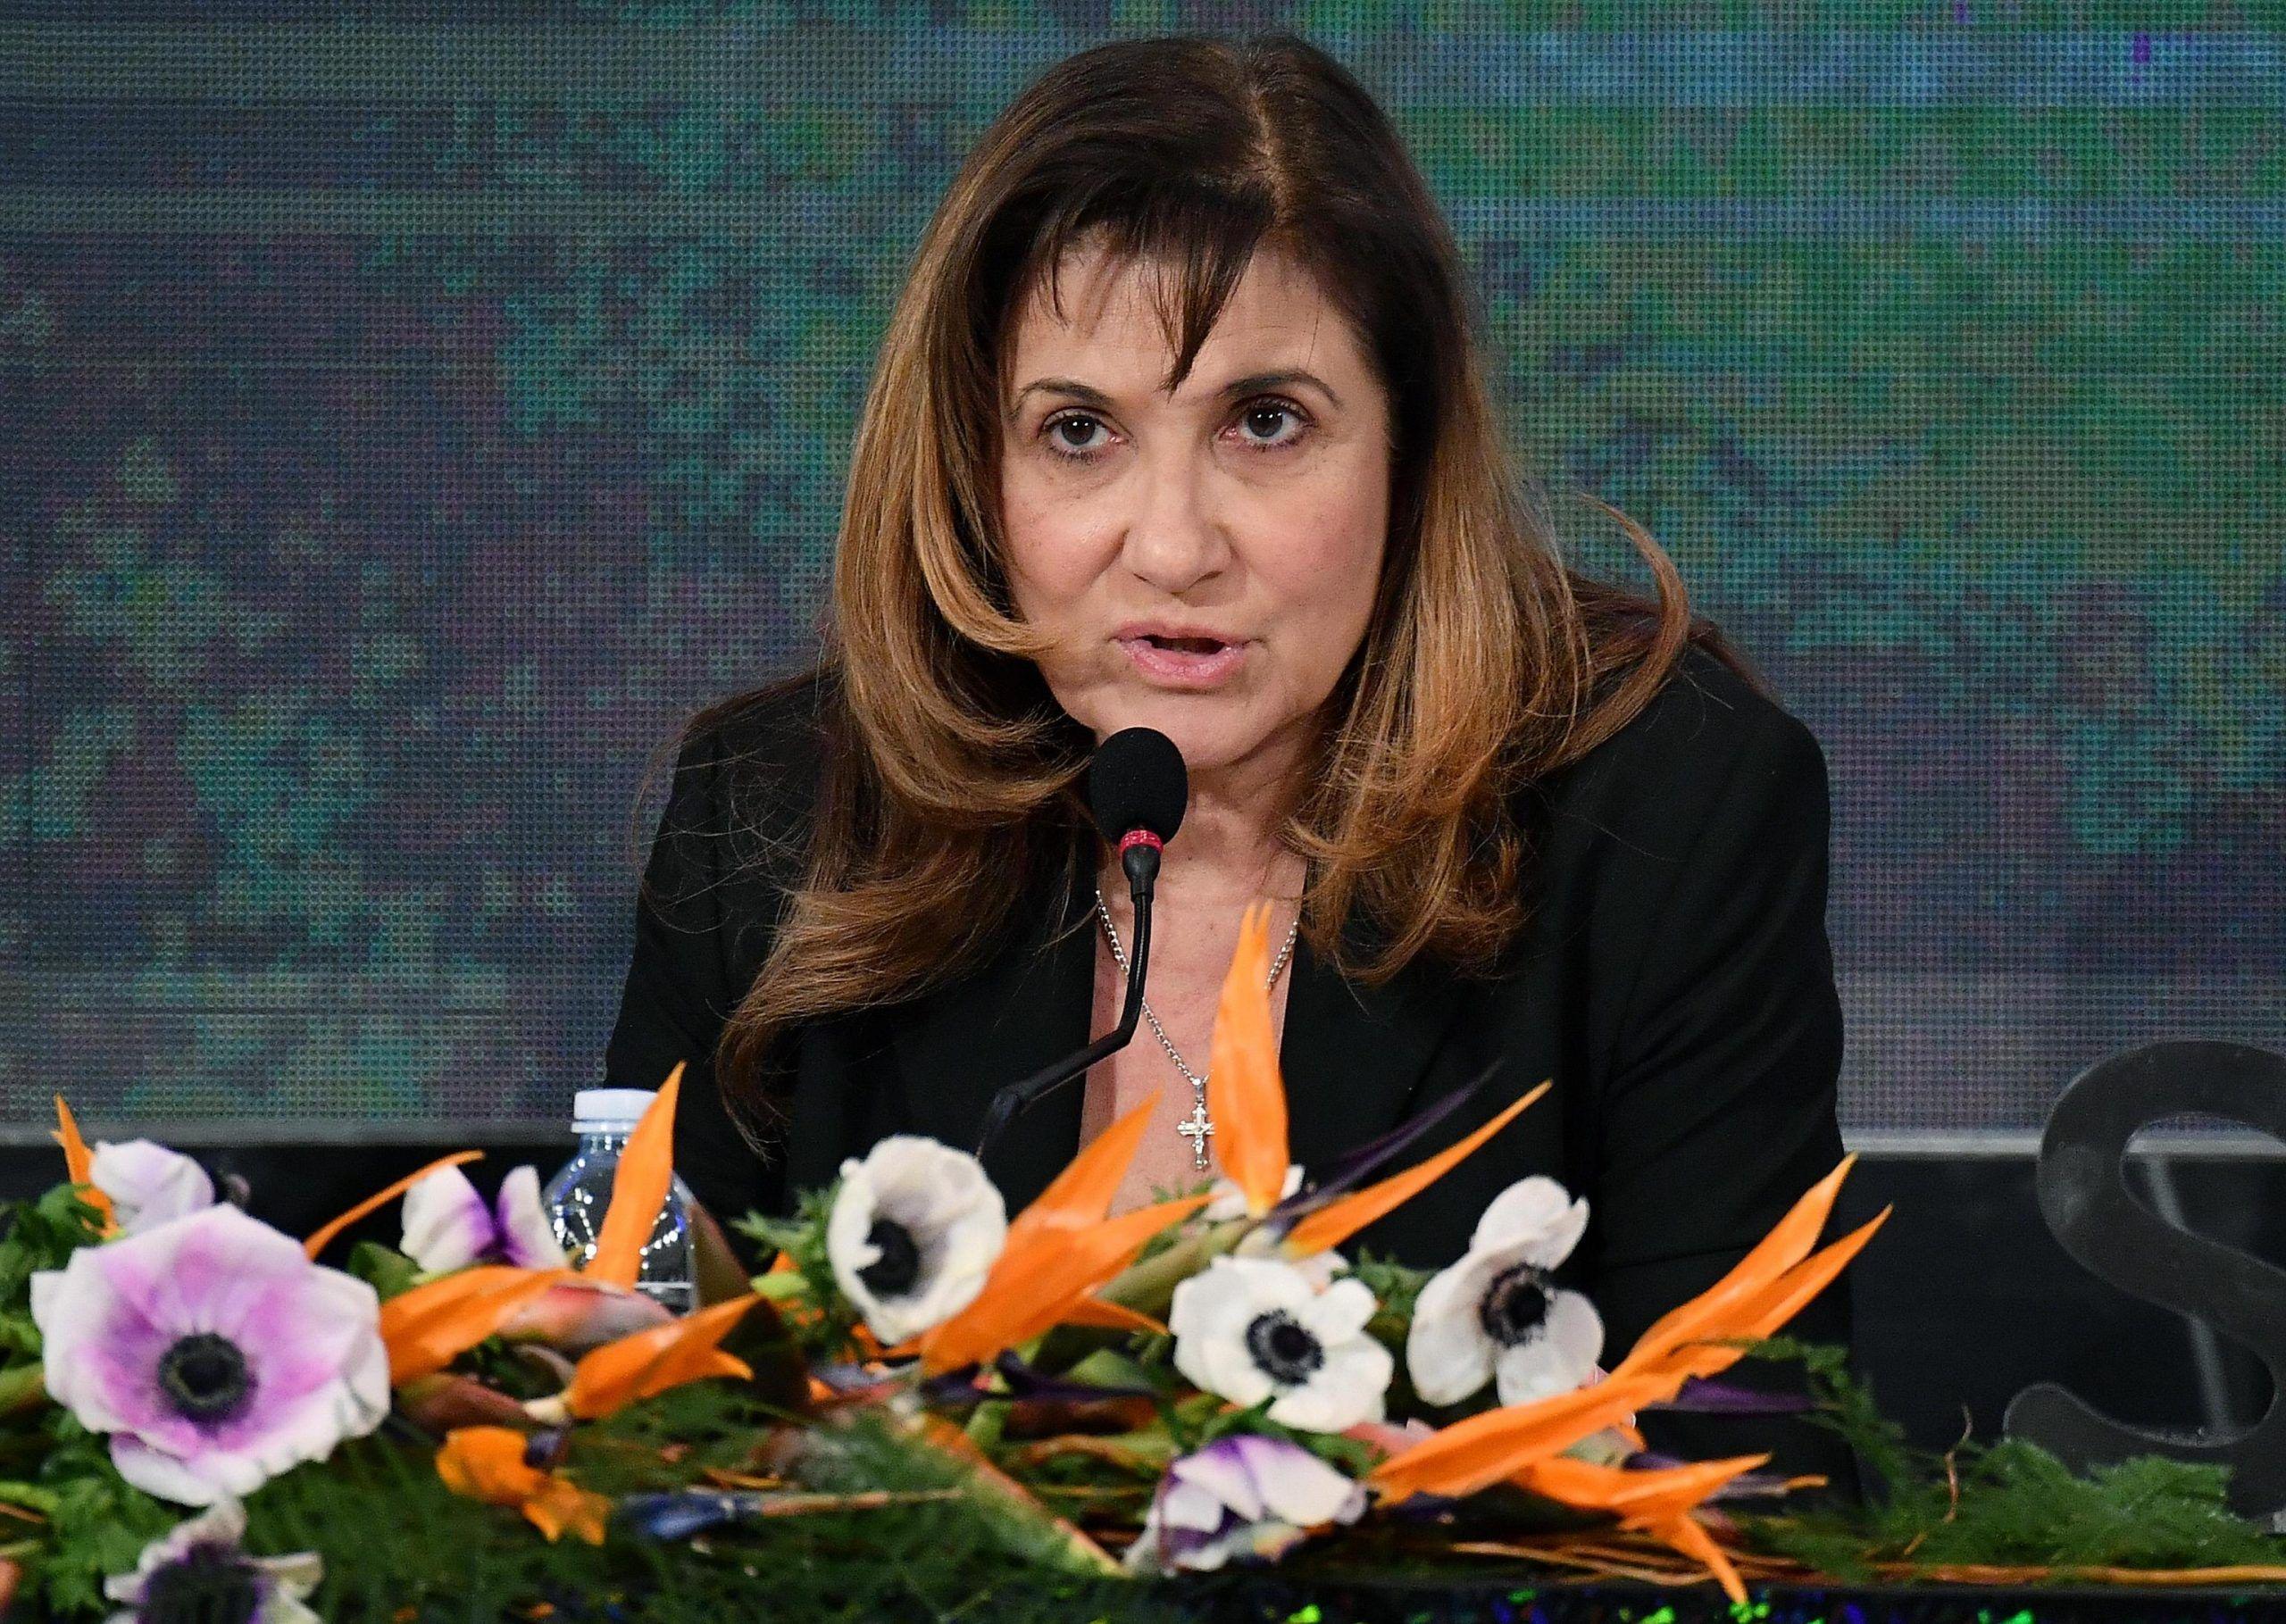 Teresa De Santis, direttrice di Rai Uno su Sanremo: 'Giuria d'onore? Meglio se composta da musicisti'